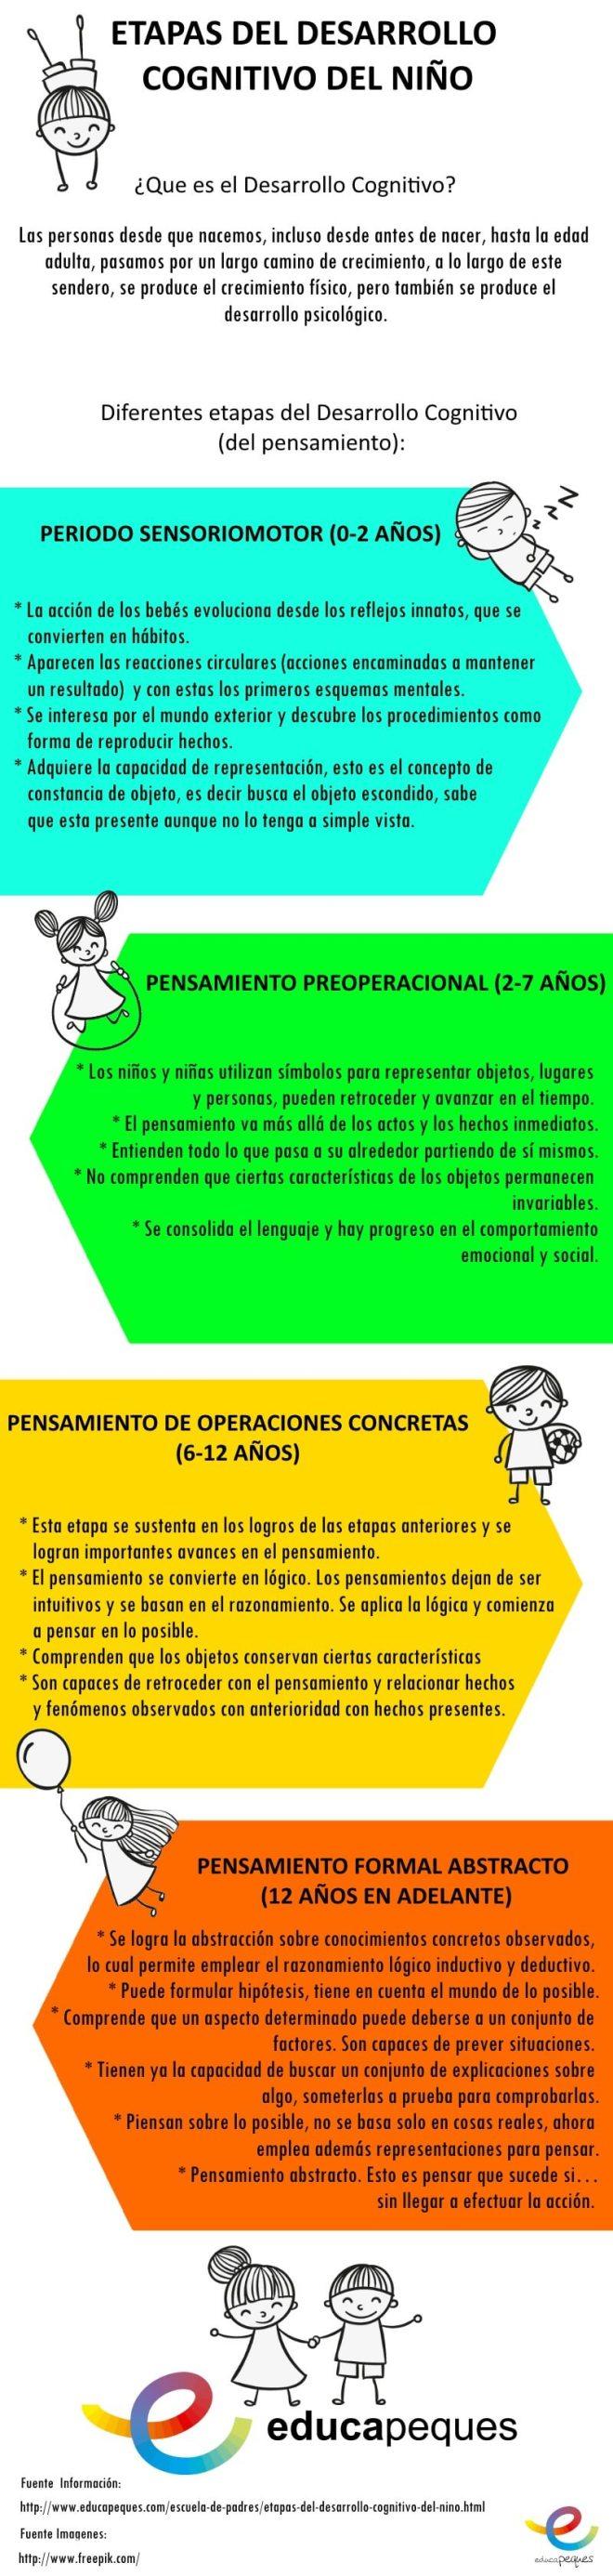 imágenes educativas, infografías educativas, infografías, imágenes en educación, etapas del desarrollo del niños